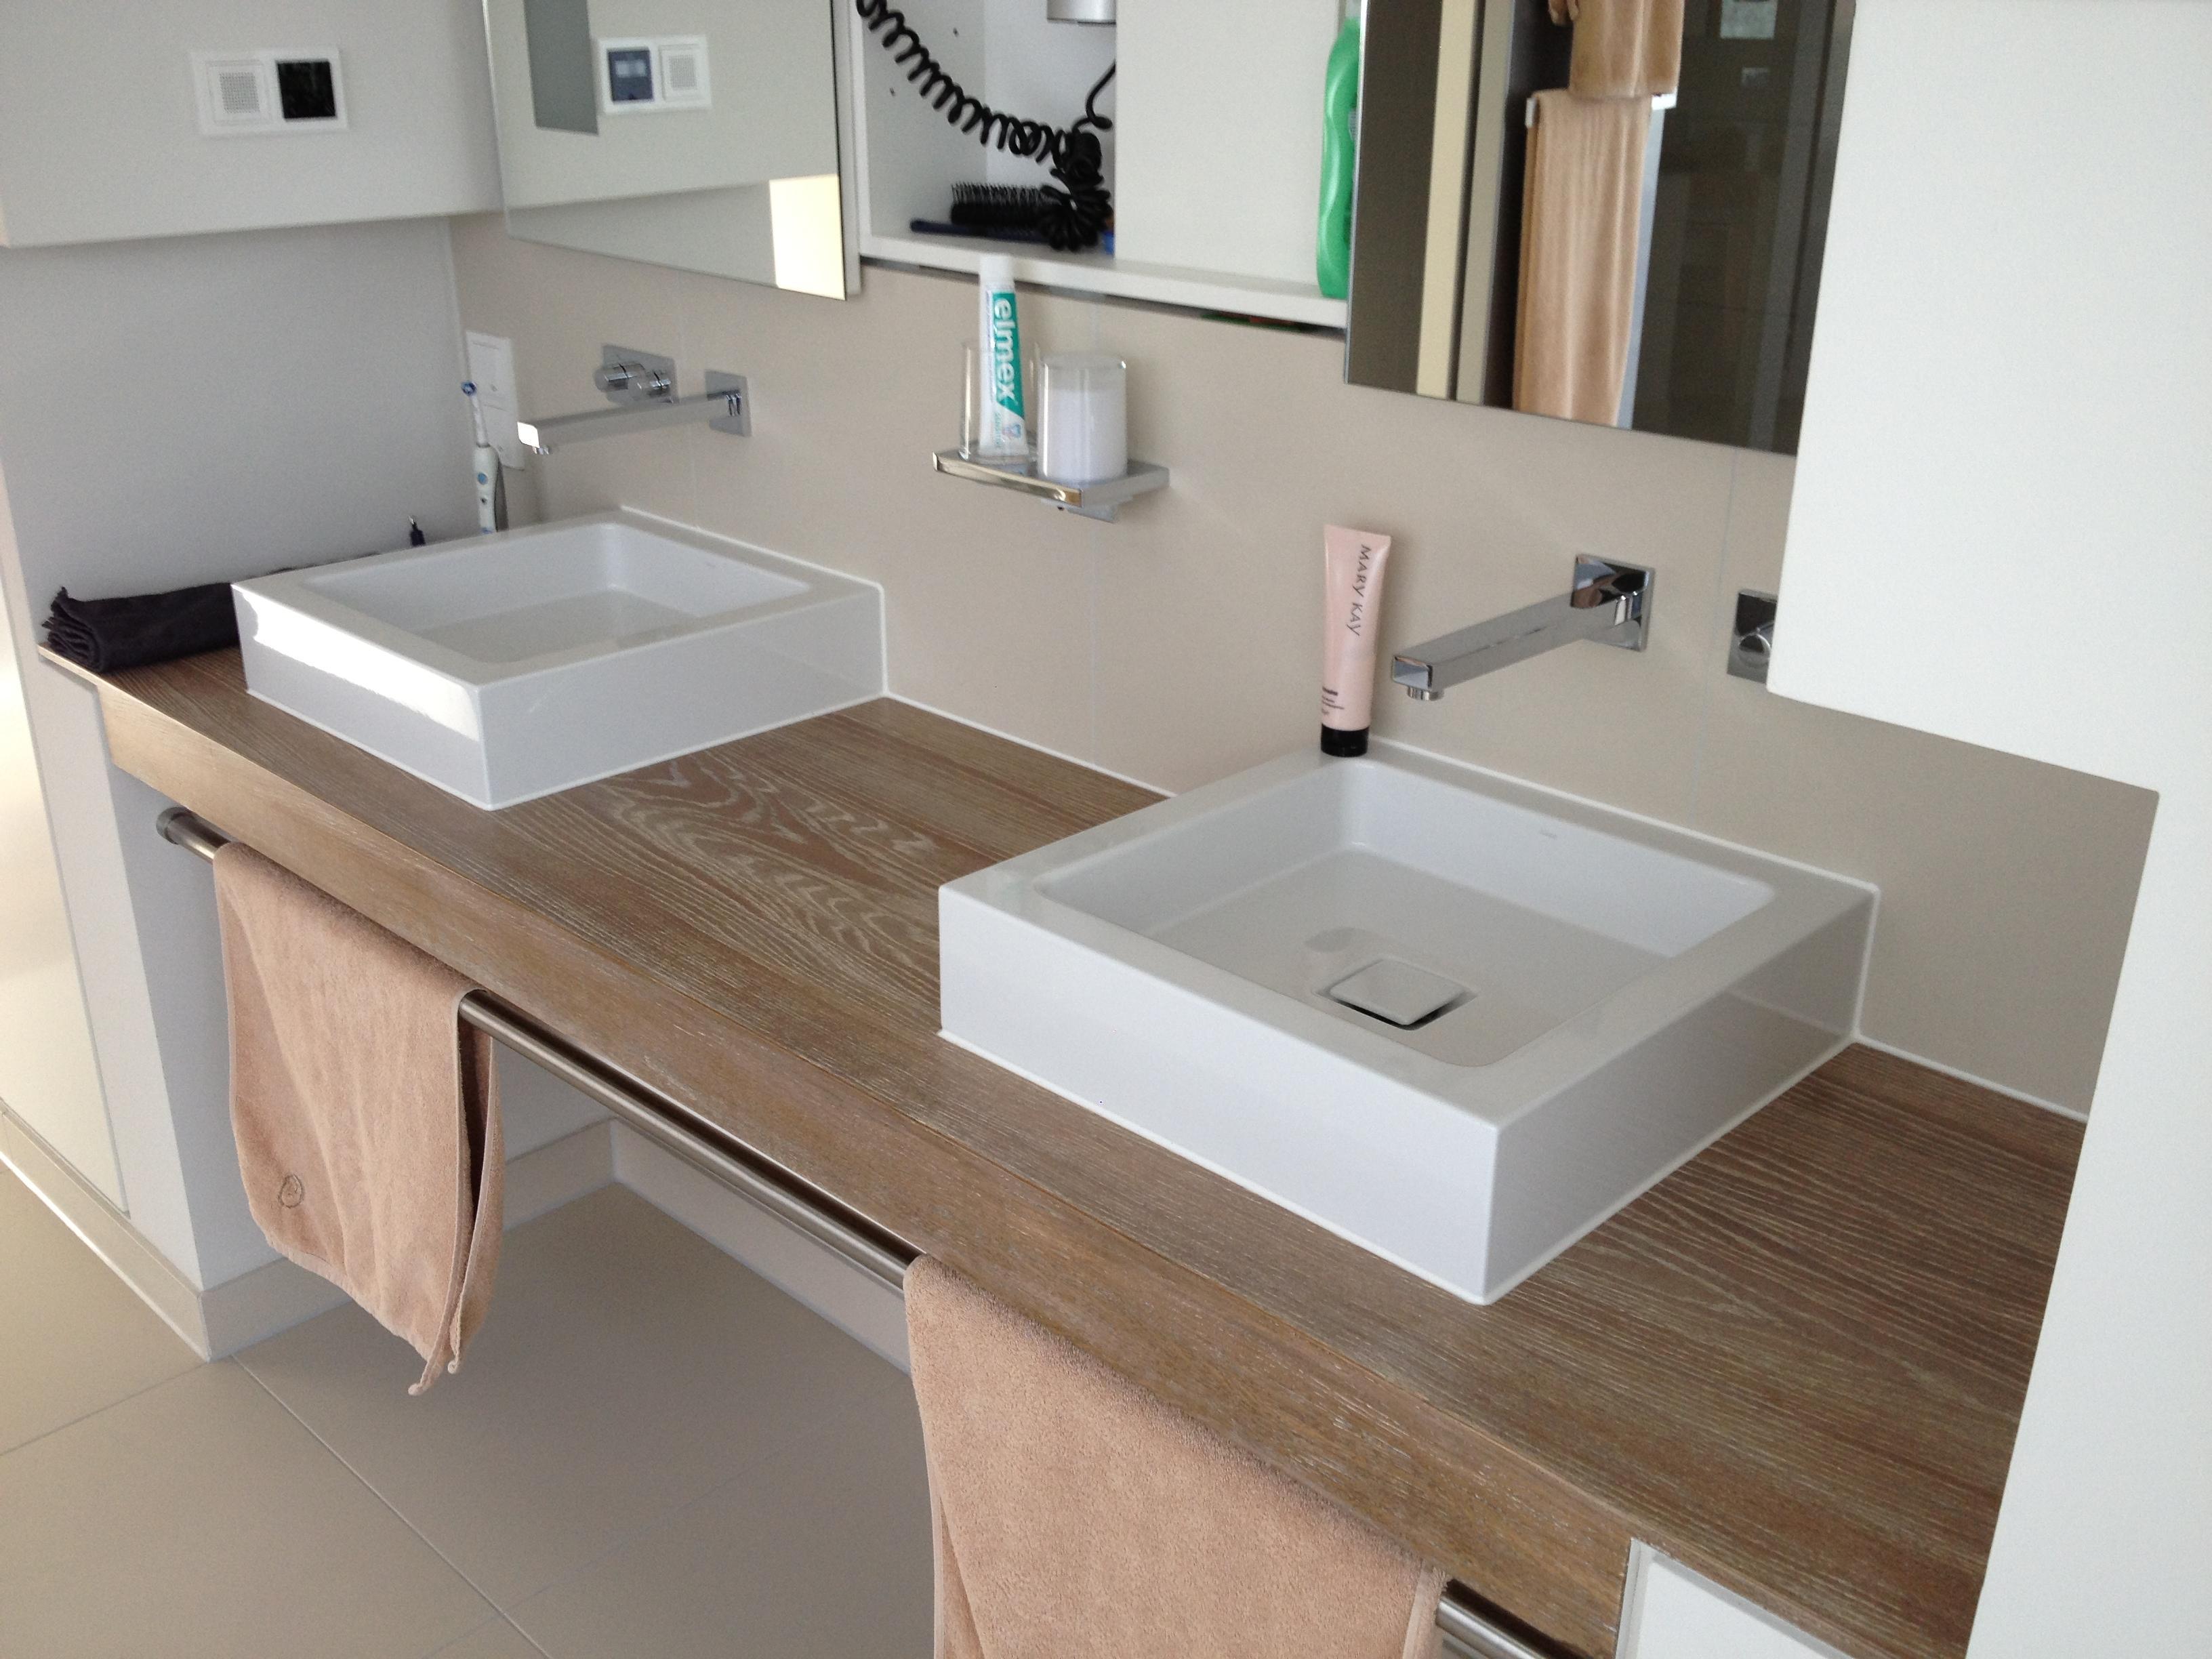 Badezimmer tisch - Badezimmer tisch ...